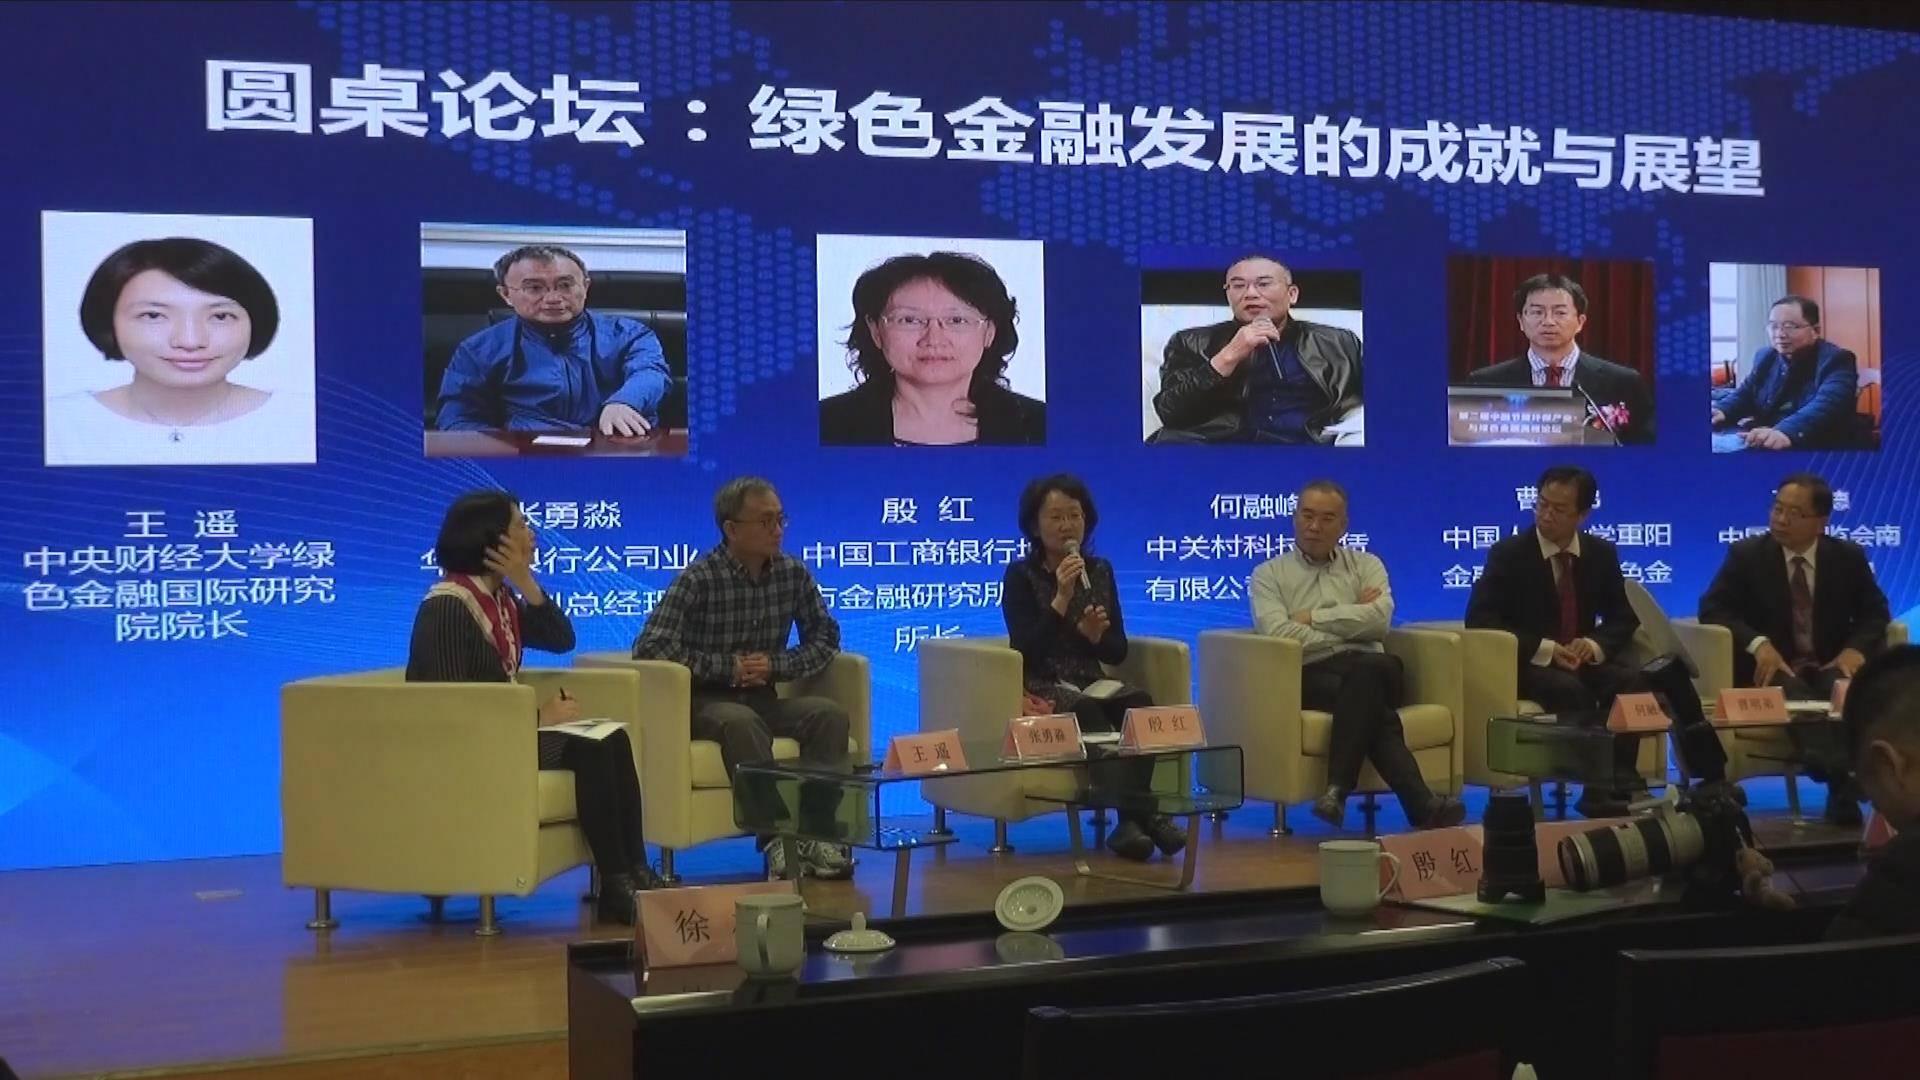 中国节能环保产业与绿色金融高峰论坛,圆桌论坛:绿色金融发展的成就与展望